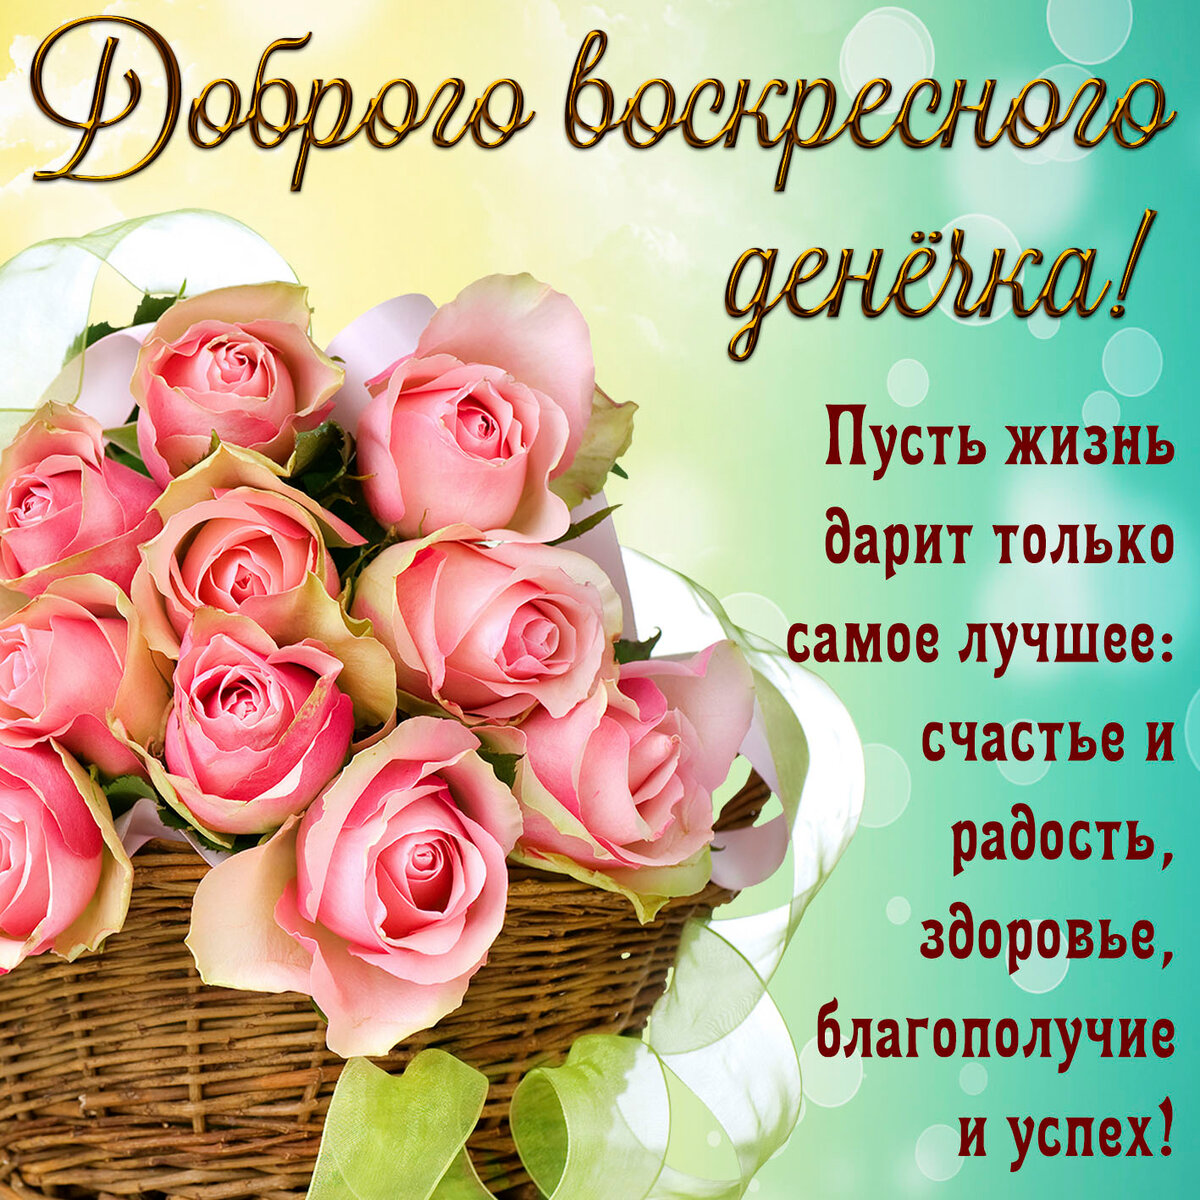 Прекрасного воскресного дня и отличного настроения картинки